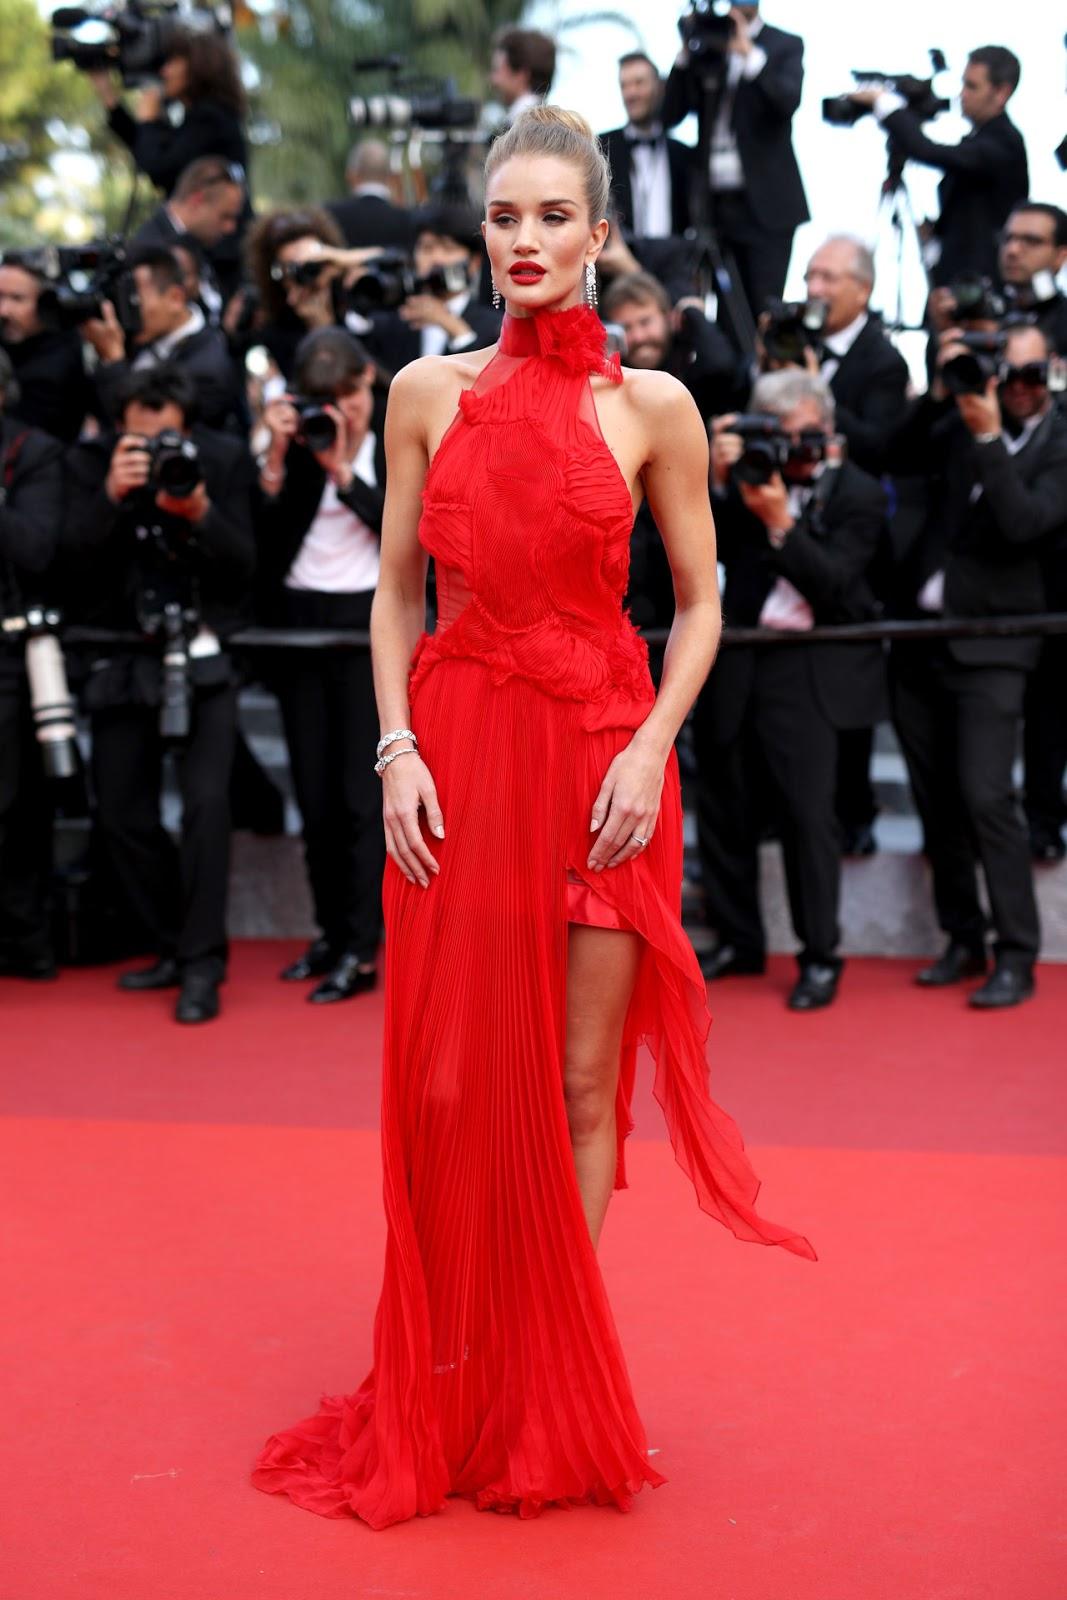 cd2d59c5d30b La modella sceglie un abito rosso fuoco asimmetrico per il red carpet di Cannes  2016. Ed è semplicemente stupenda.